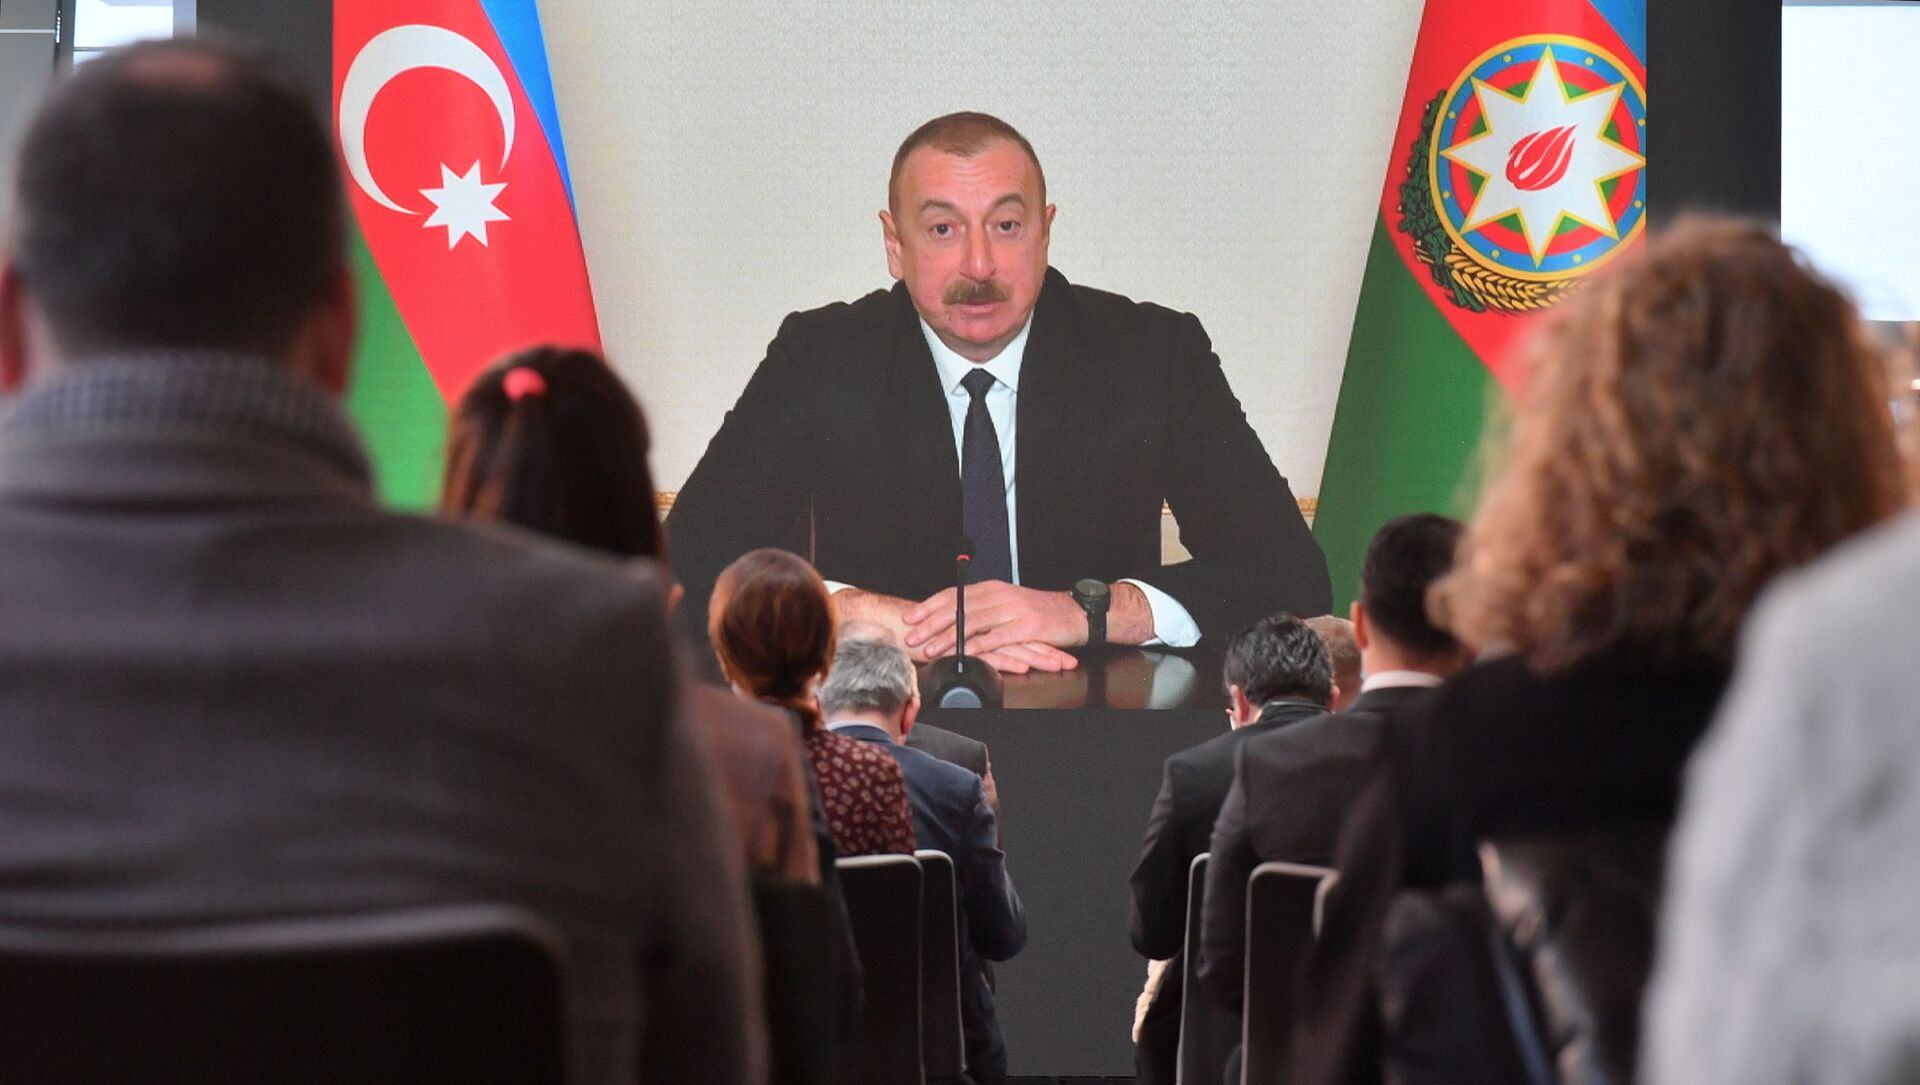 Prezydent Azerbejdżanu Ilham Alijew przemawia na konferencji prasowej dla przedstawicieli lokalnych i zagranicznych mediów podczas telekonferencji w Baku w Azerbejdżanie - Sputnik Polska, 1920, 23.03.2021